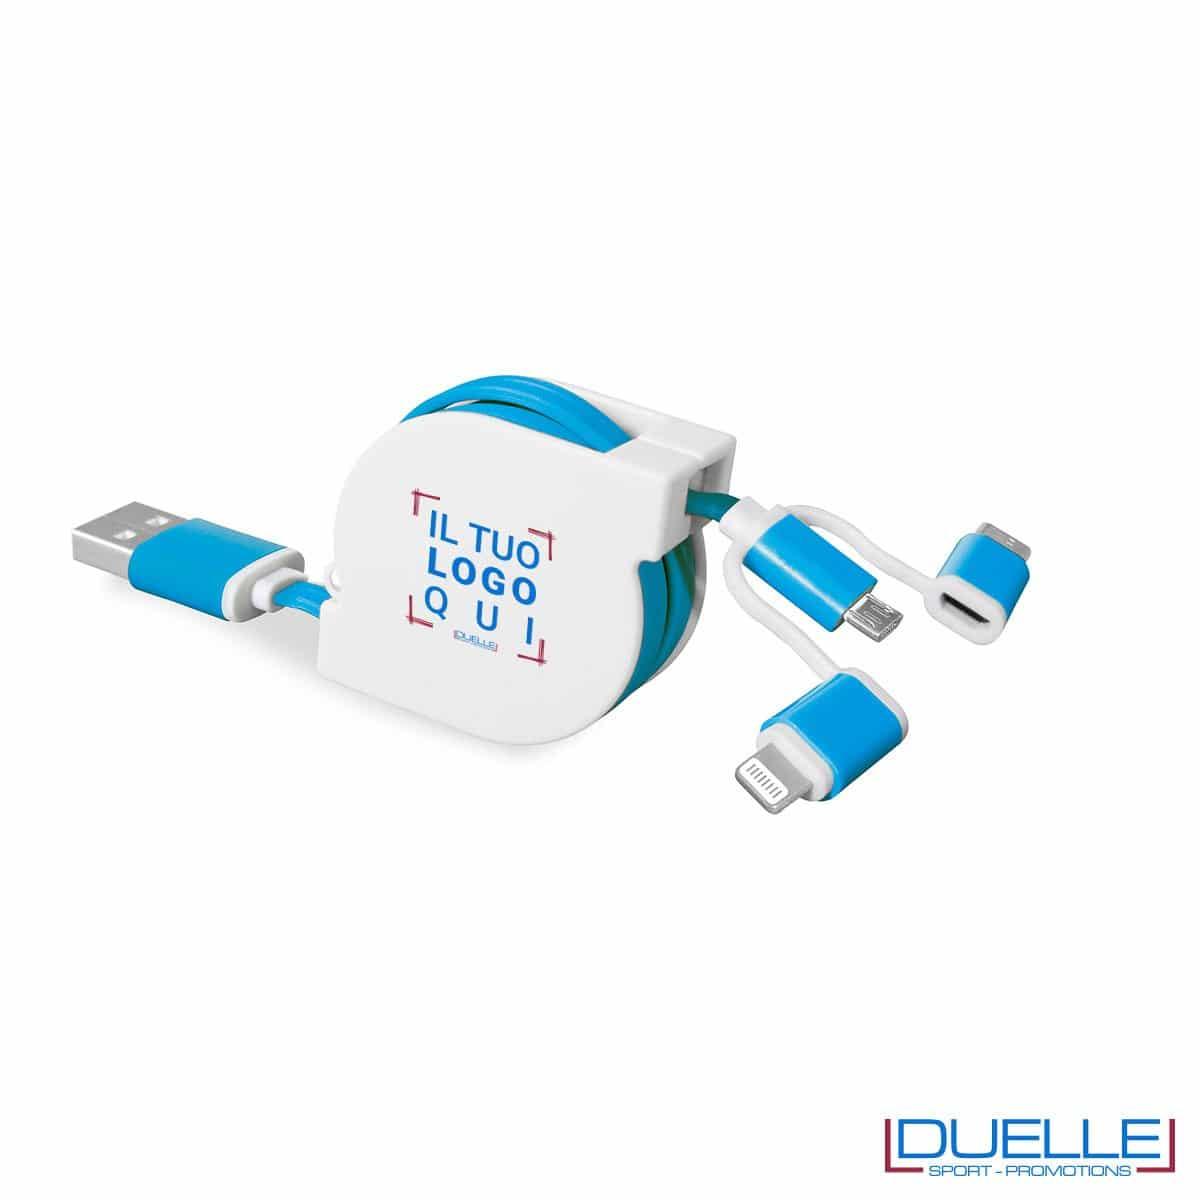 Cavo adattatore 3 in 1 colore azzurro personalizzato con stampe colorate